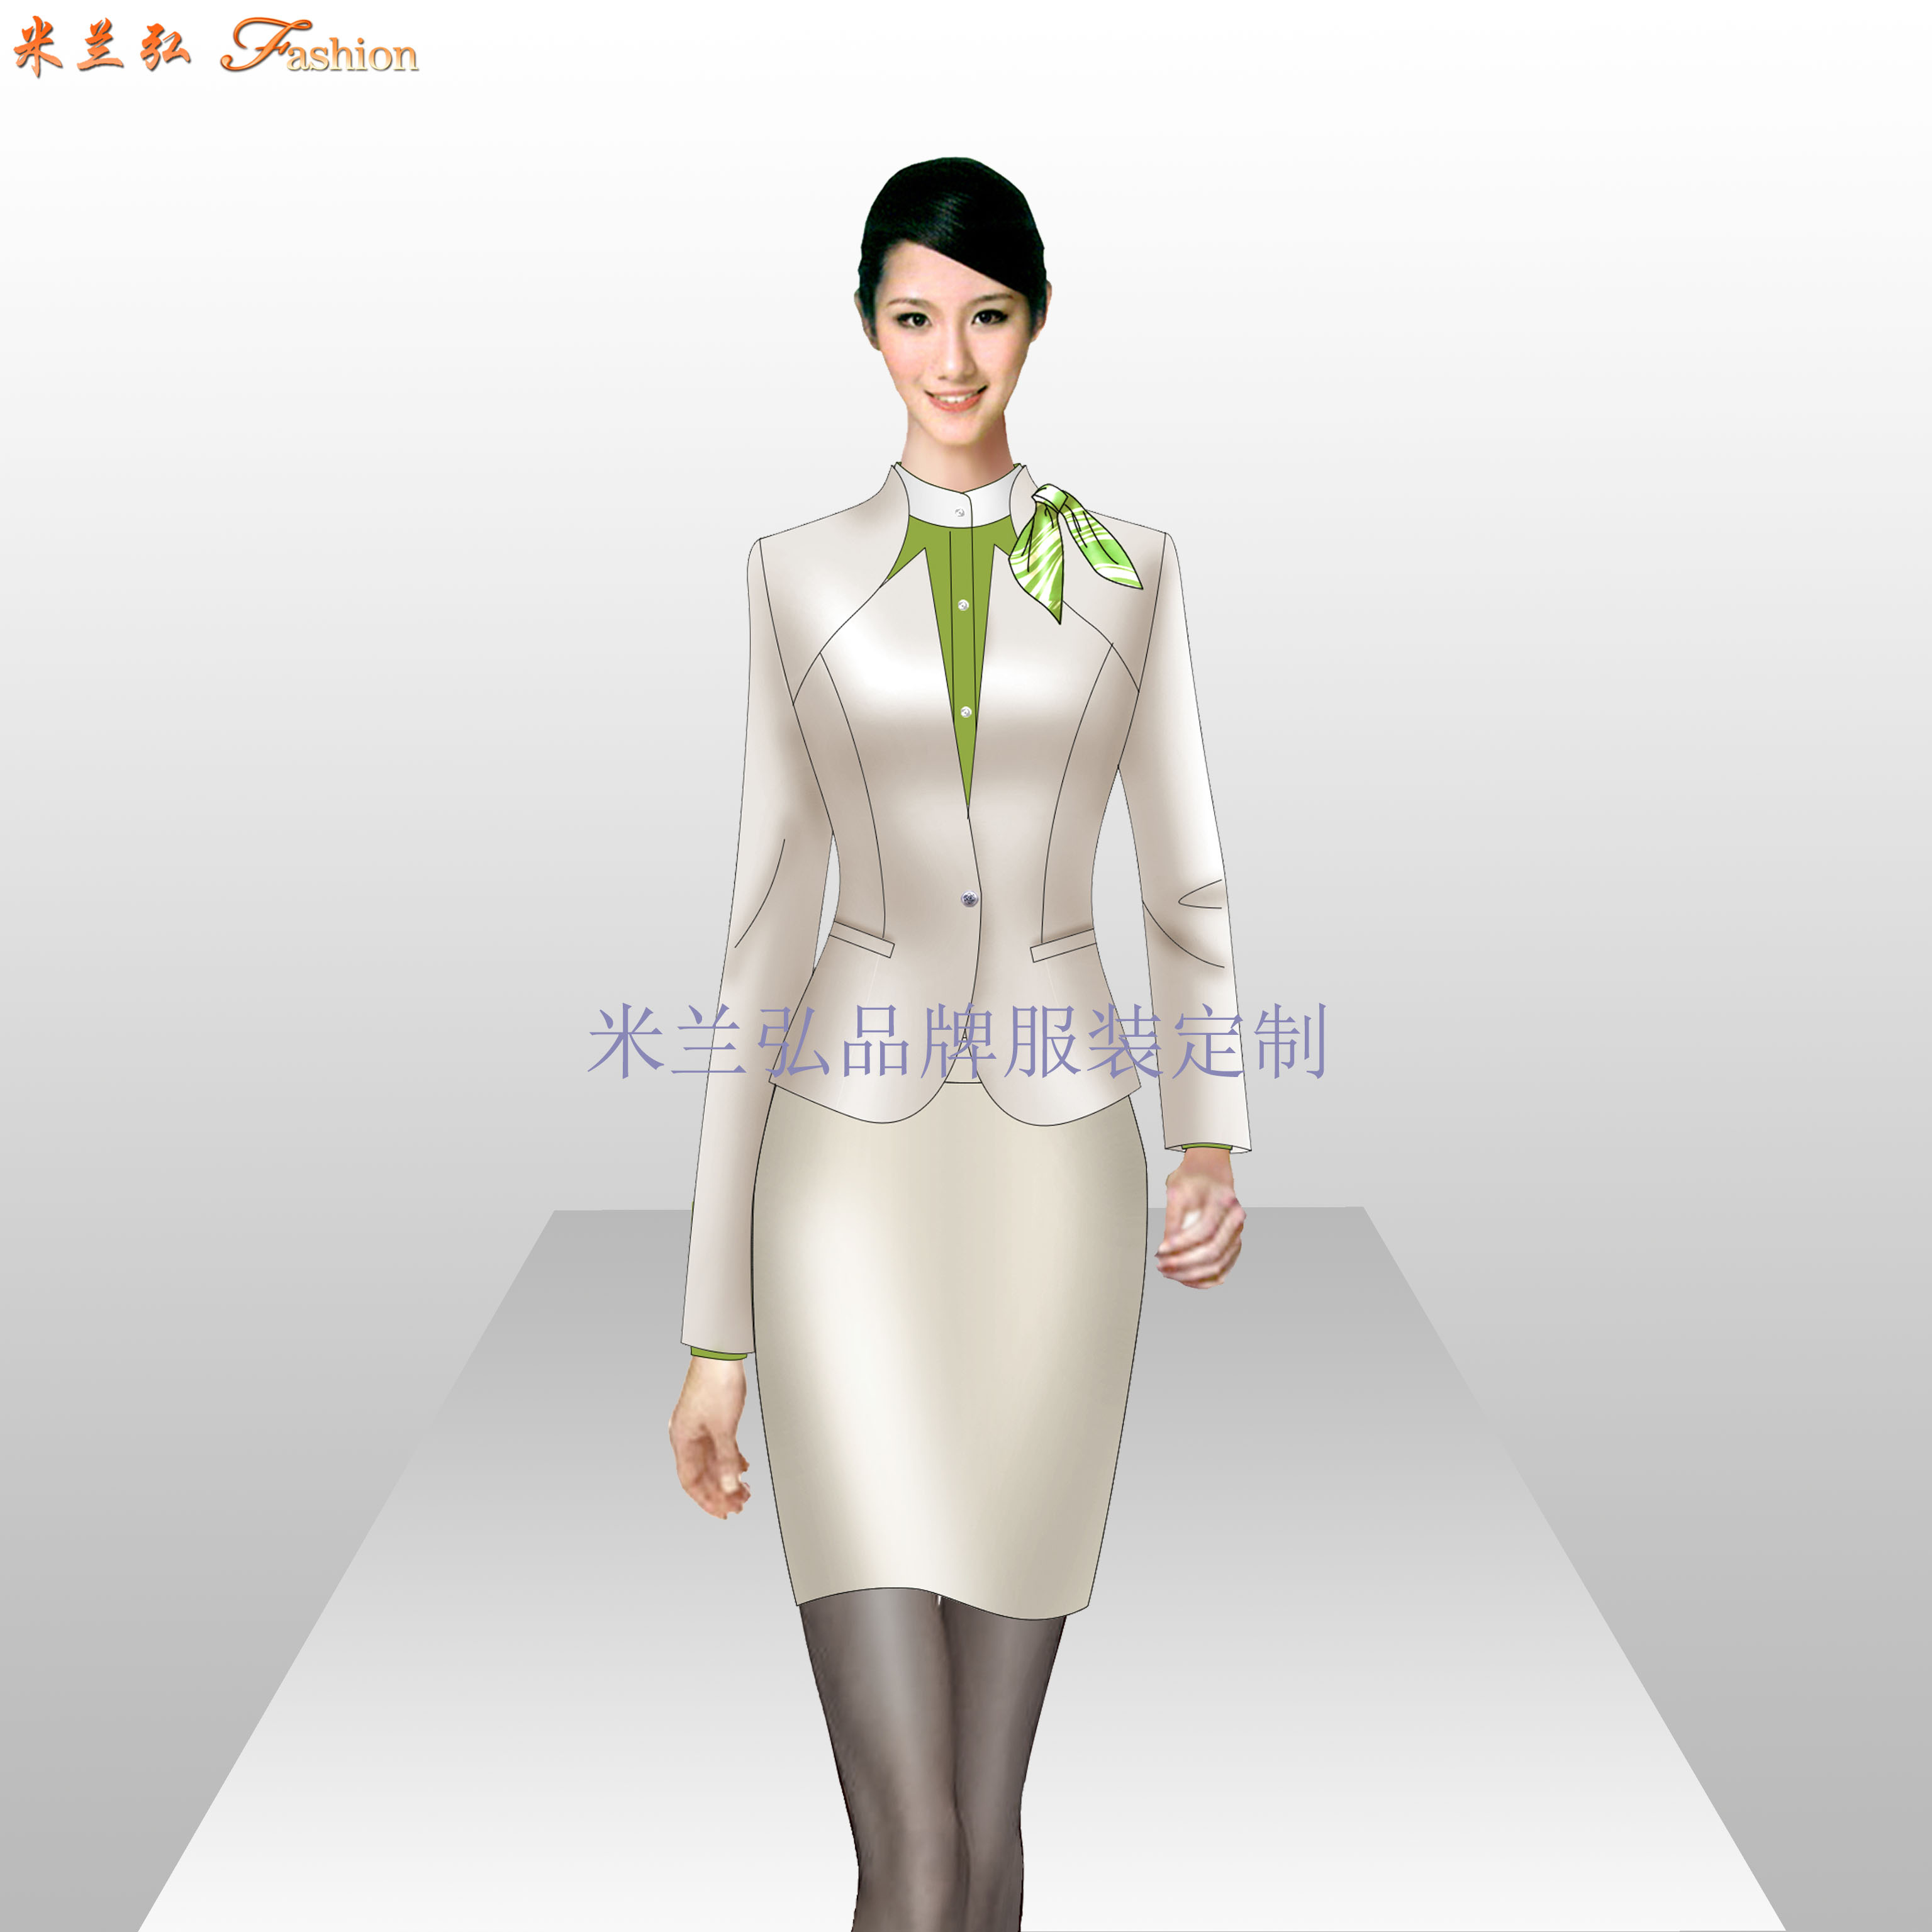 吉林職業裝_吉林職業裝訂製-永利注册网站職業裝廠家-2